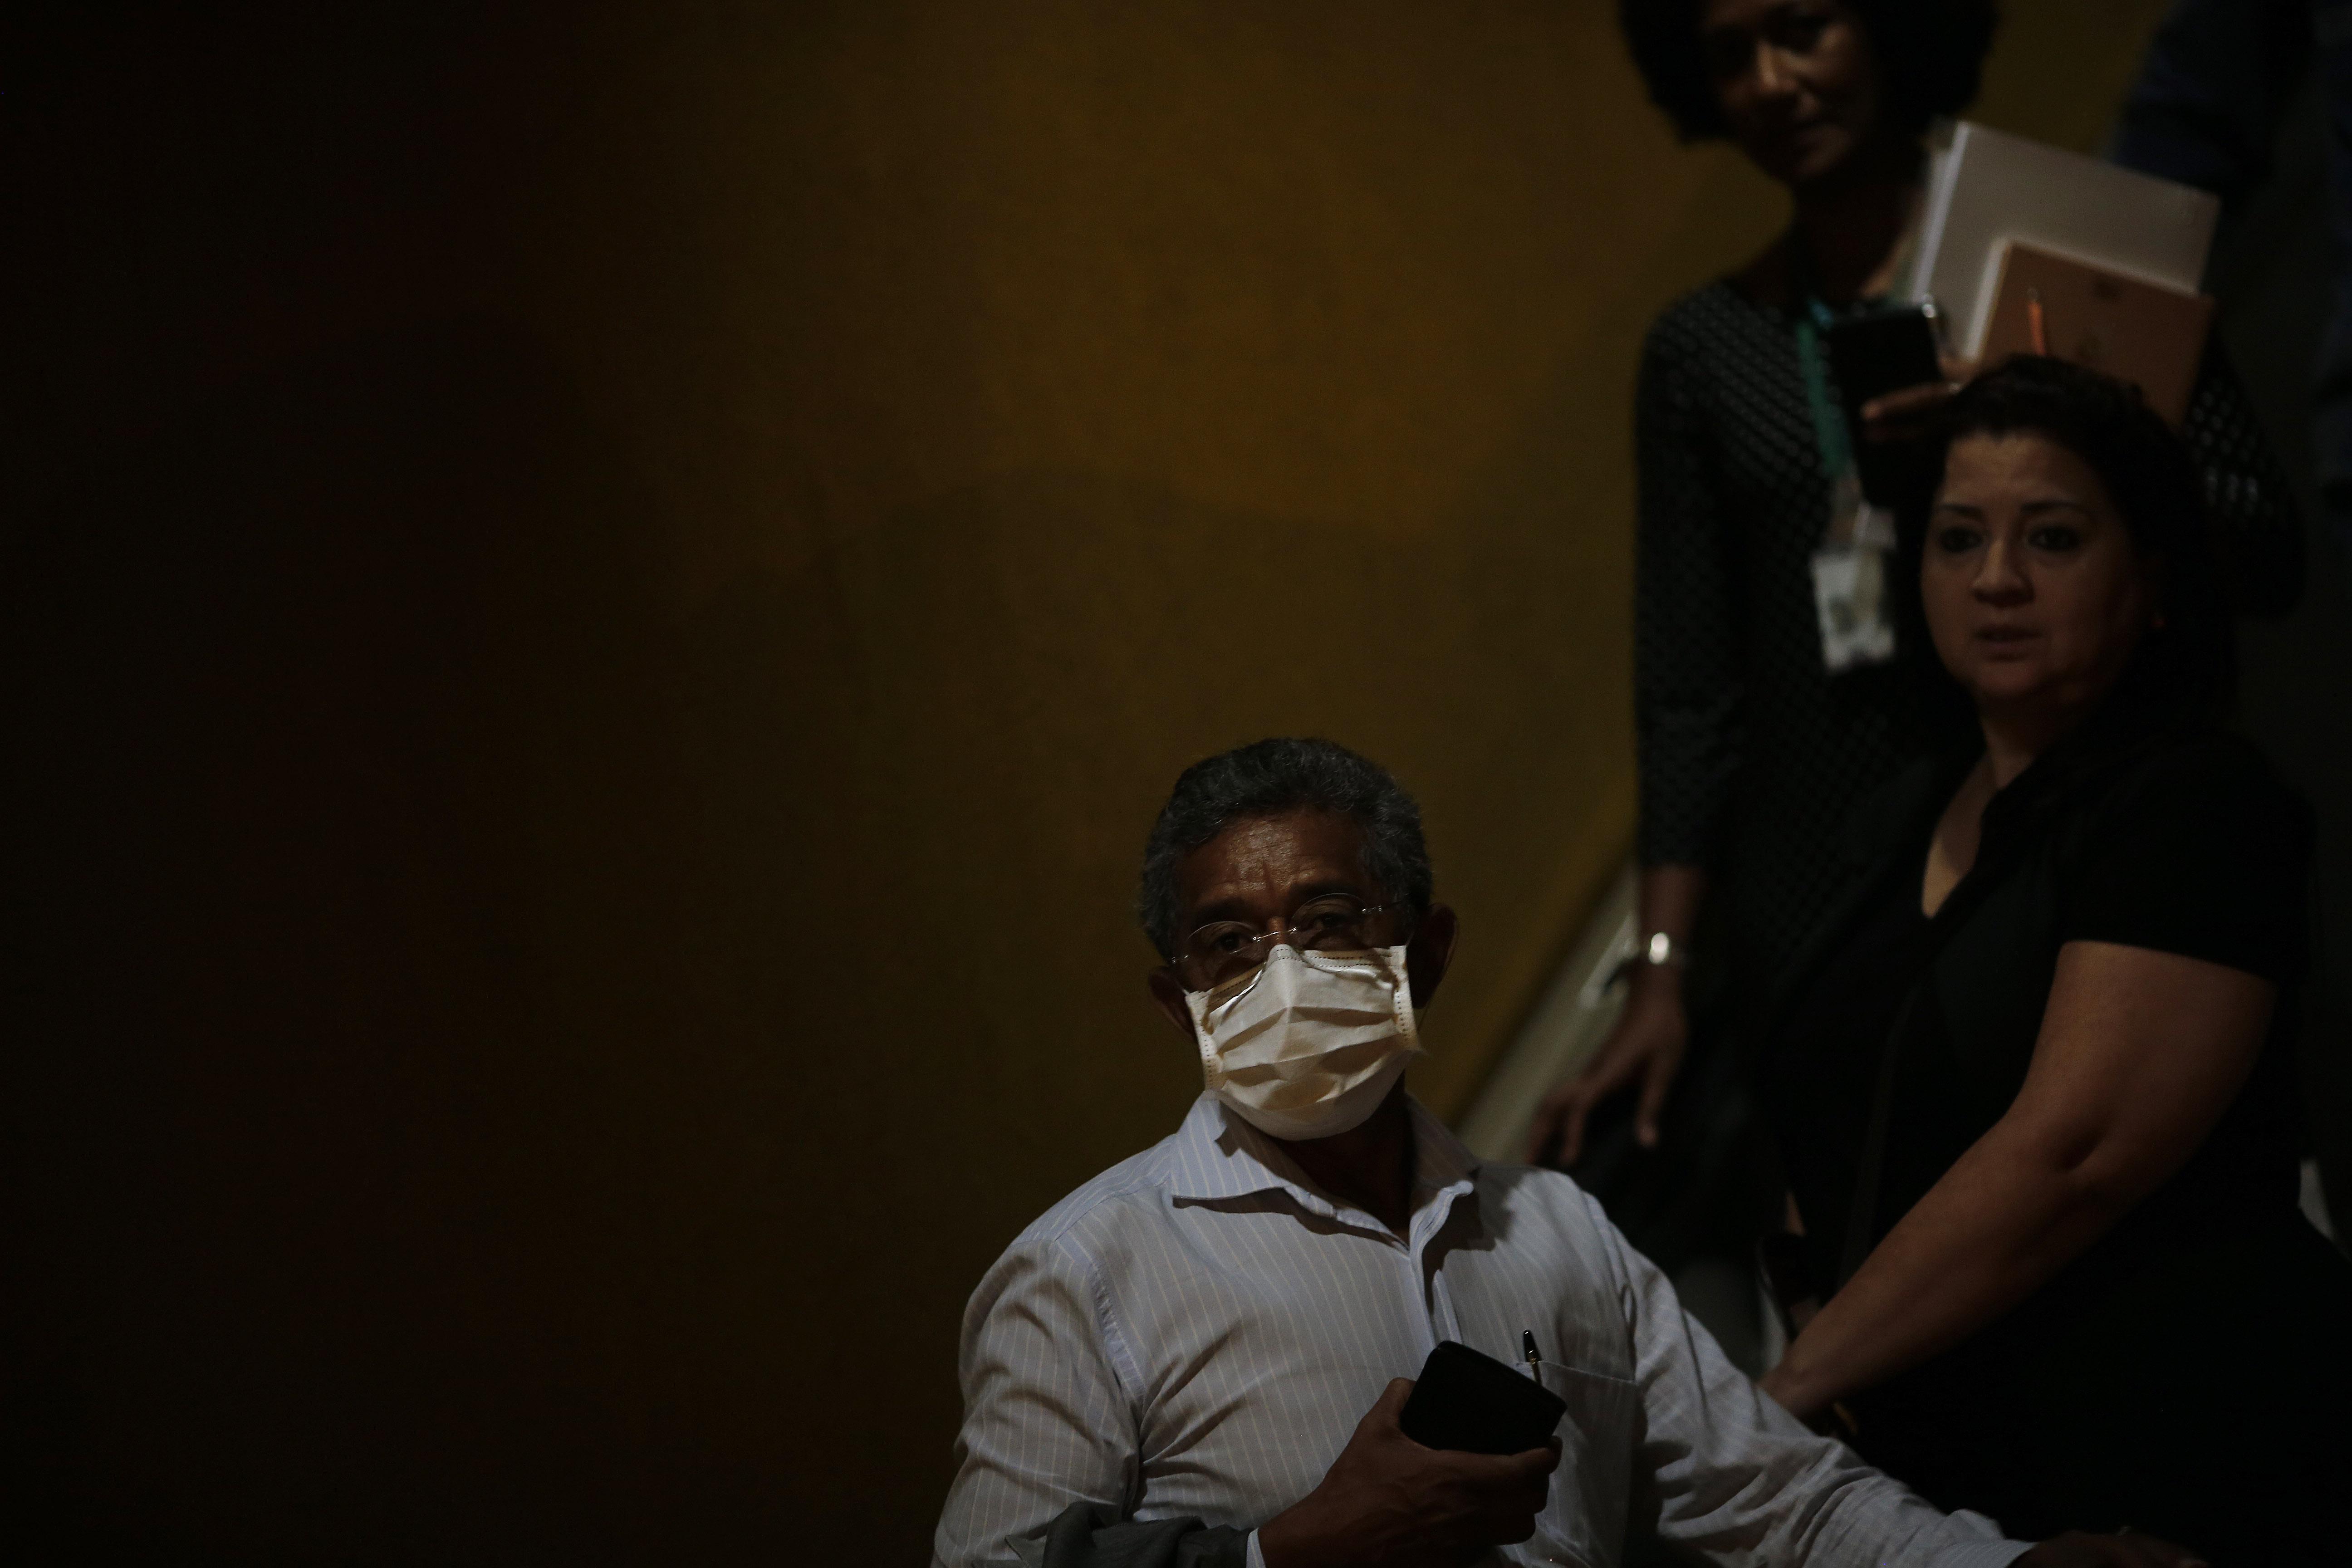 IMAGEM: 10 vezes mais internações por problemas respiratórios